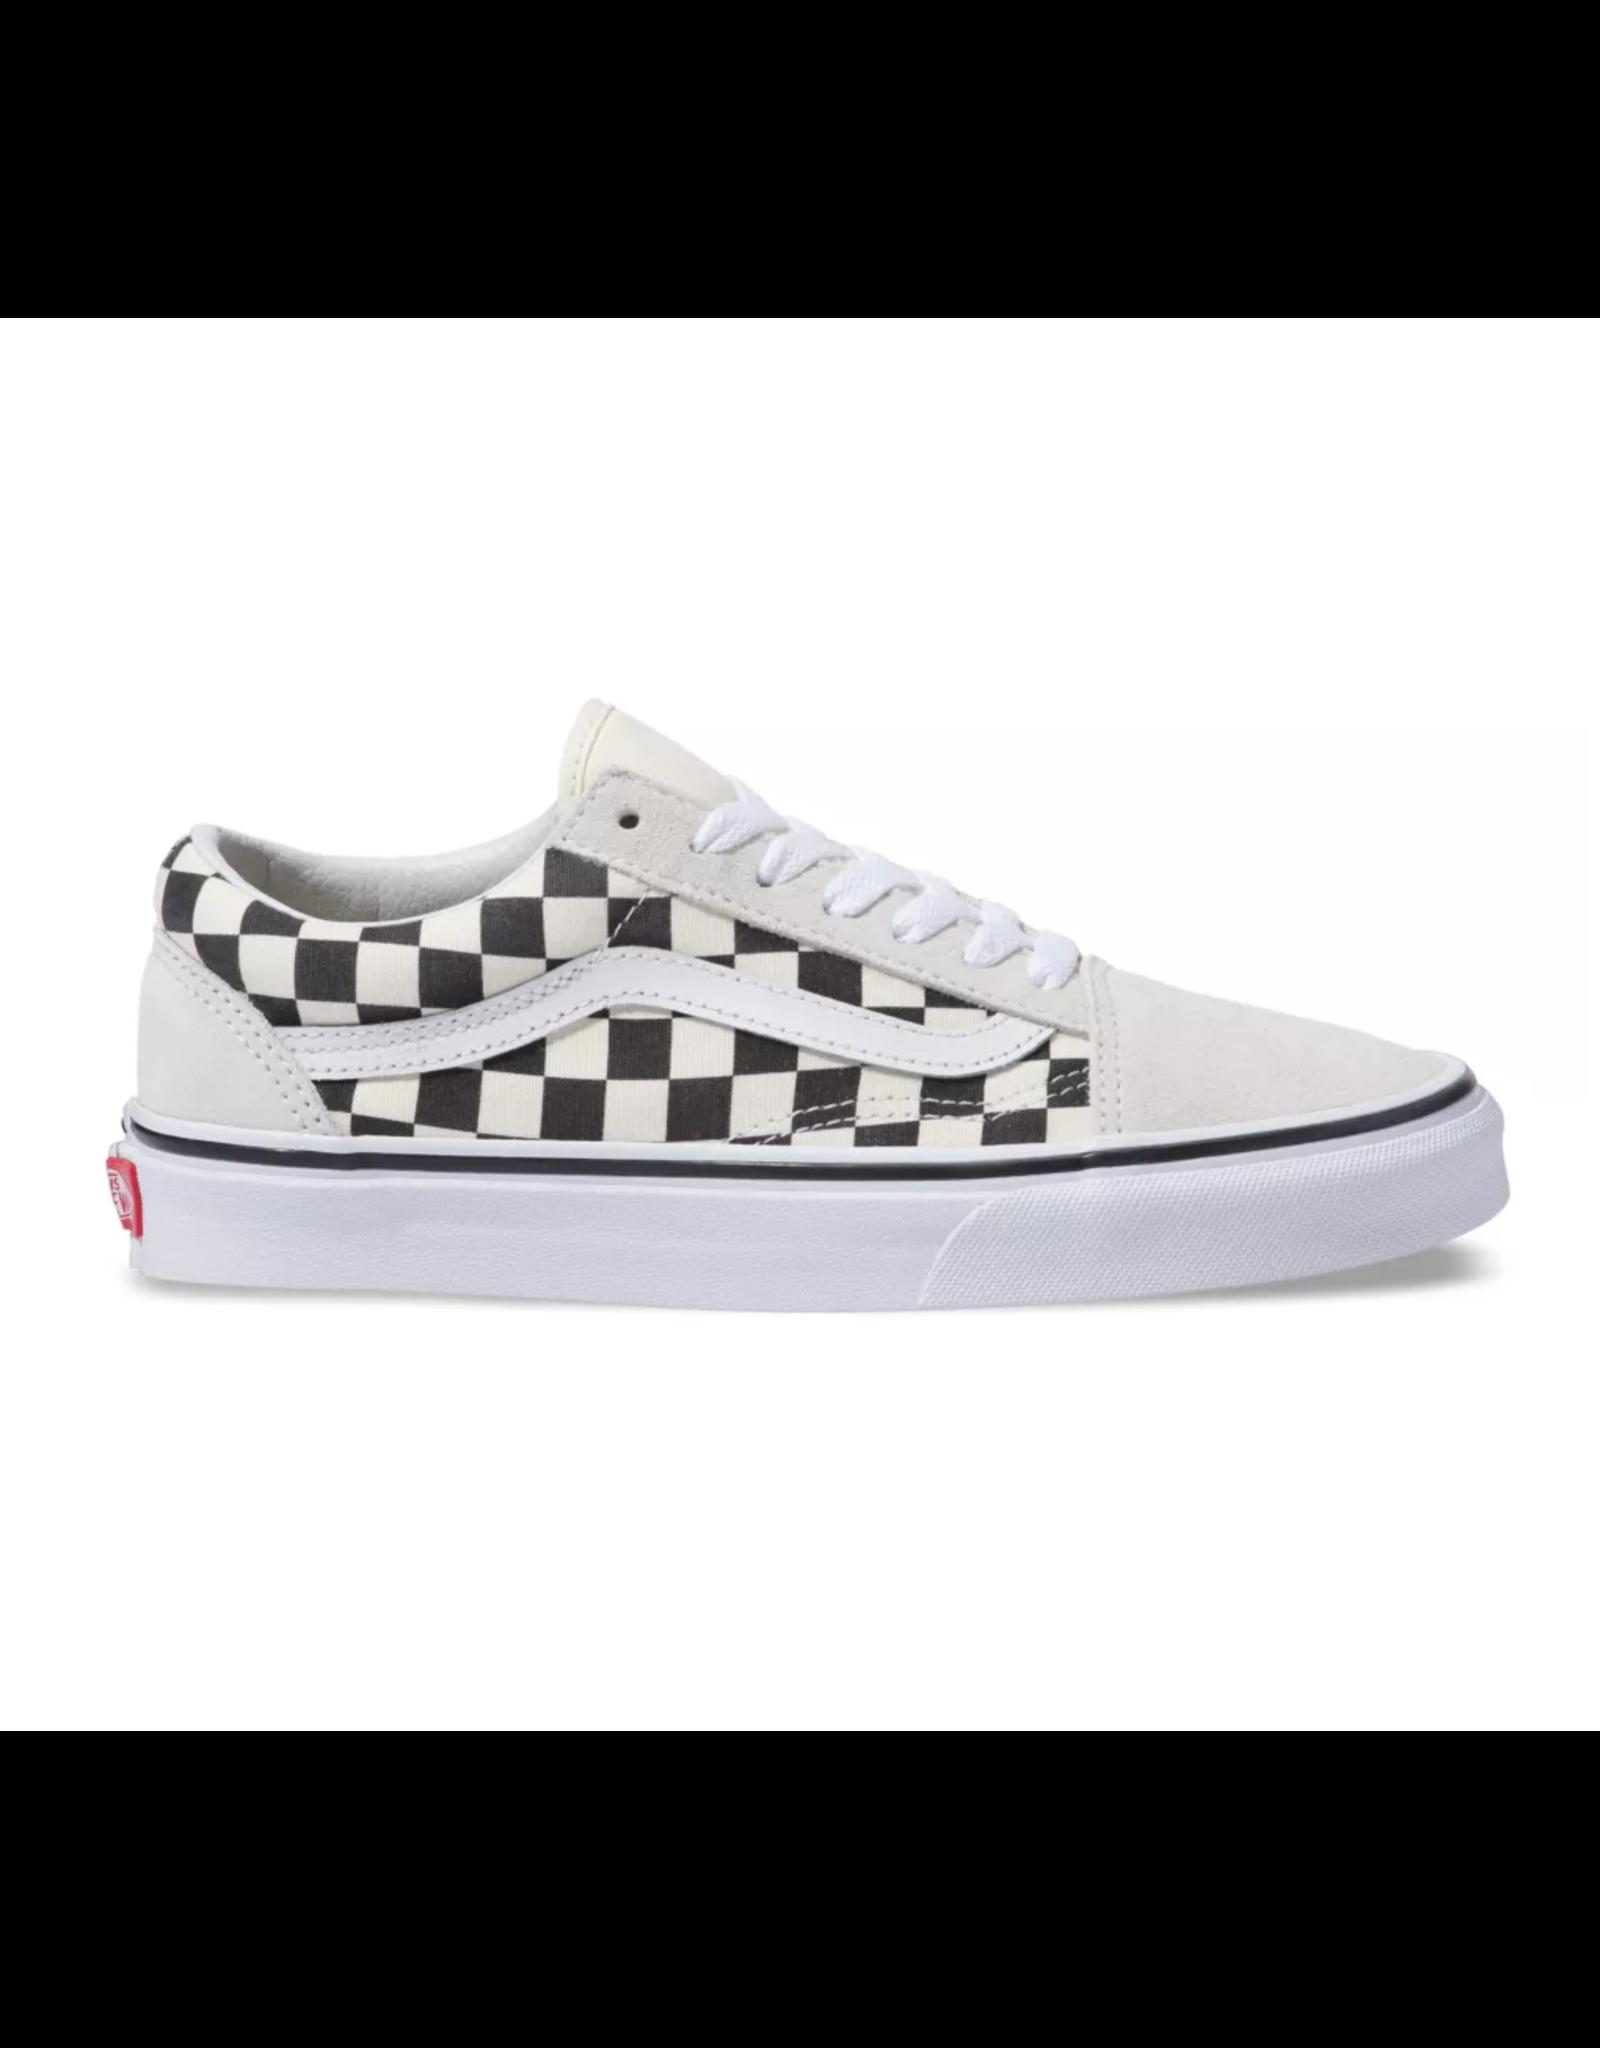 Vans Old Skool - Checkerboard White